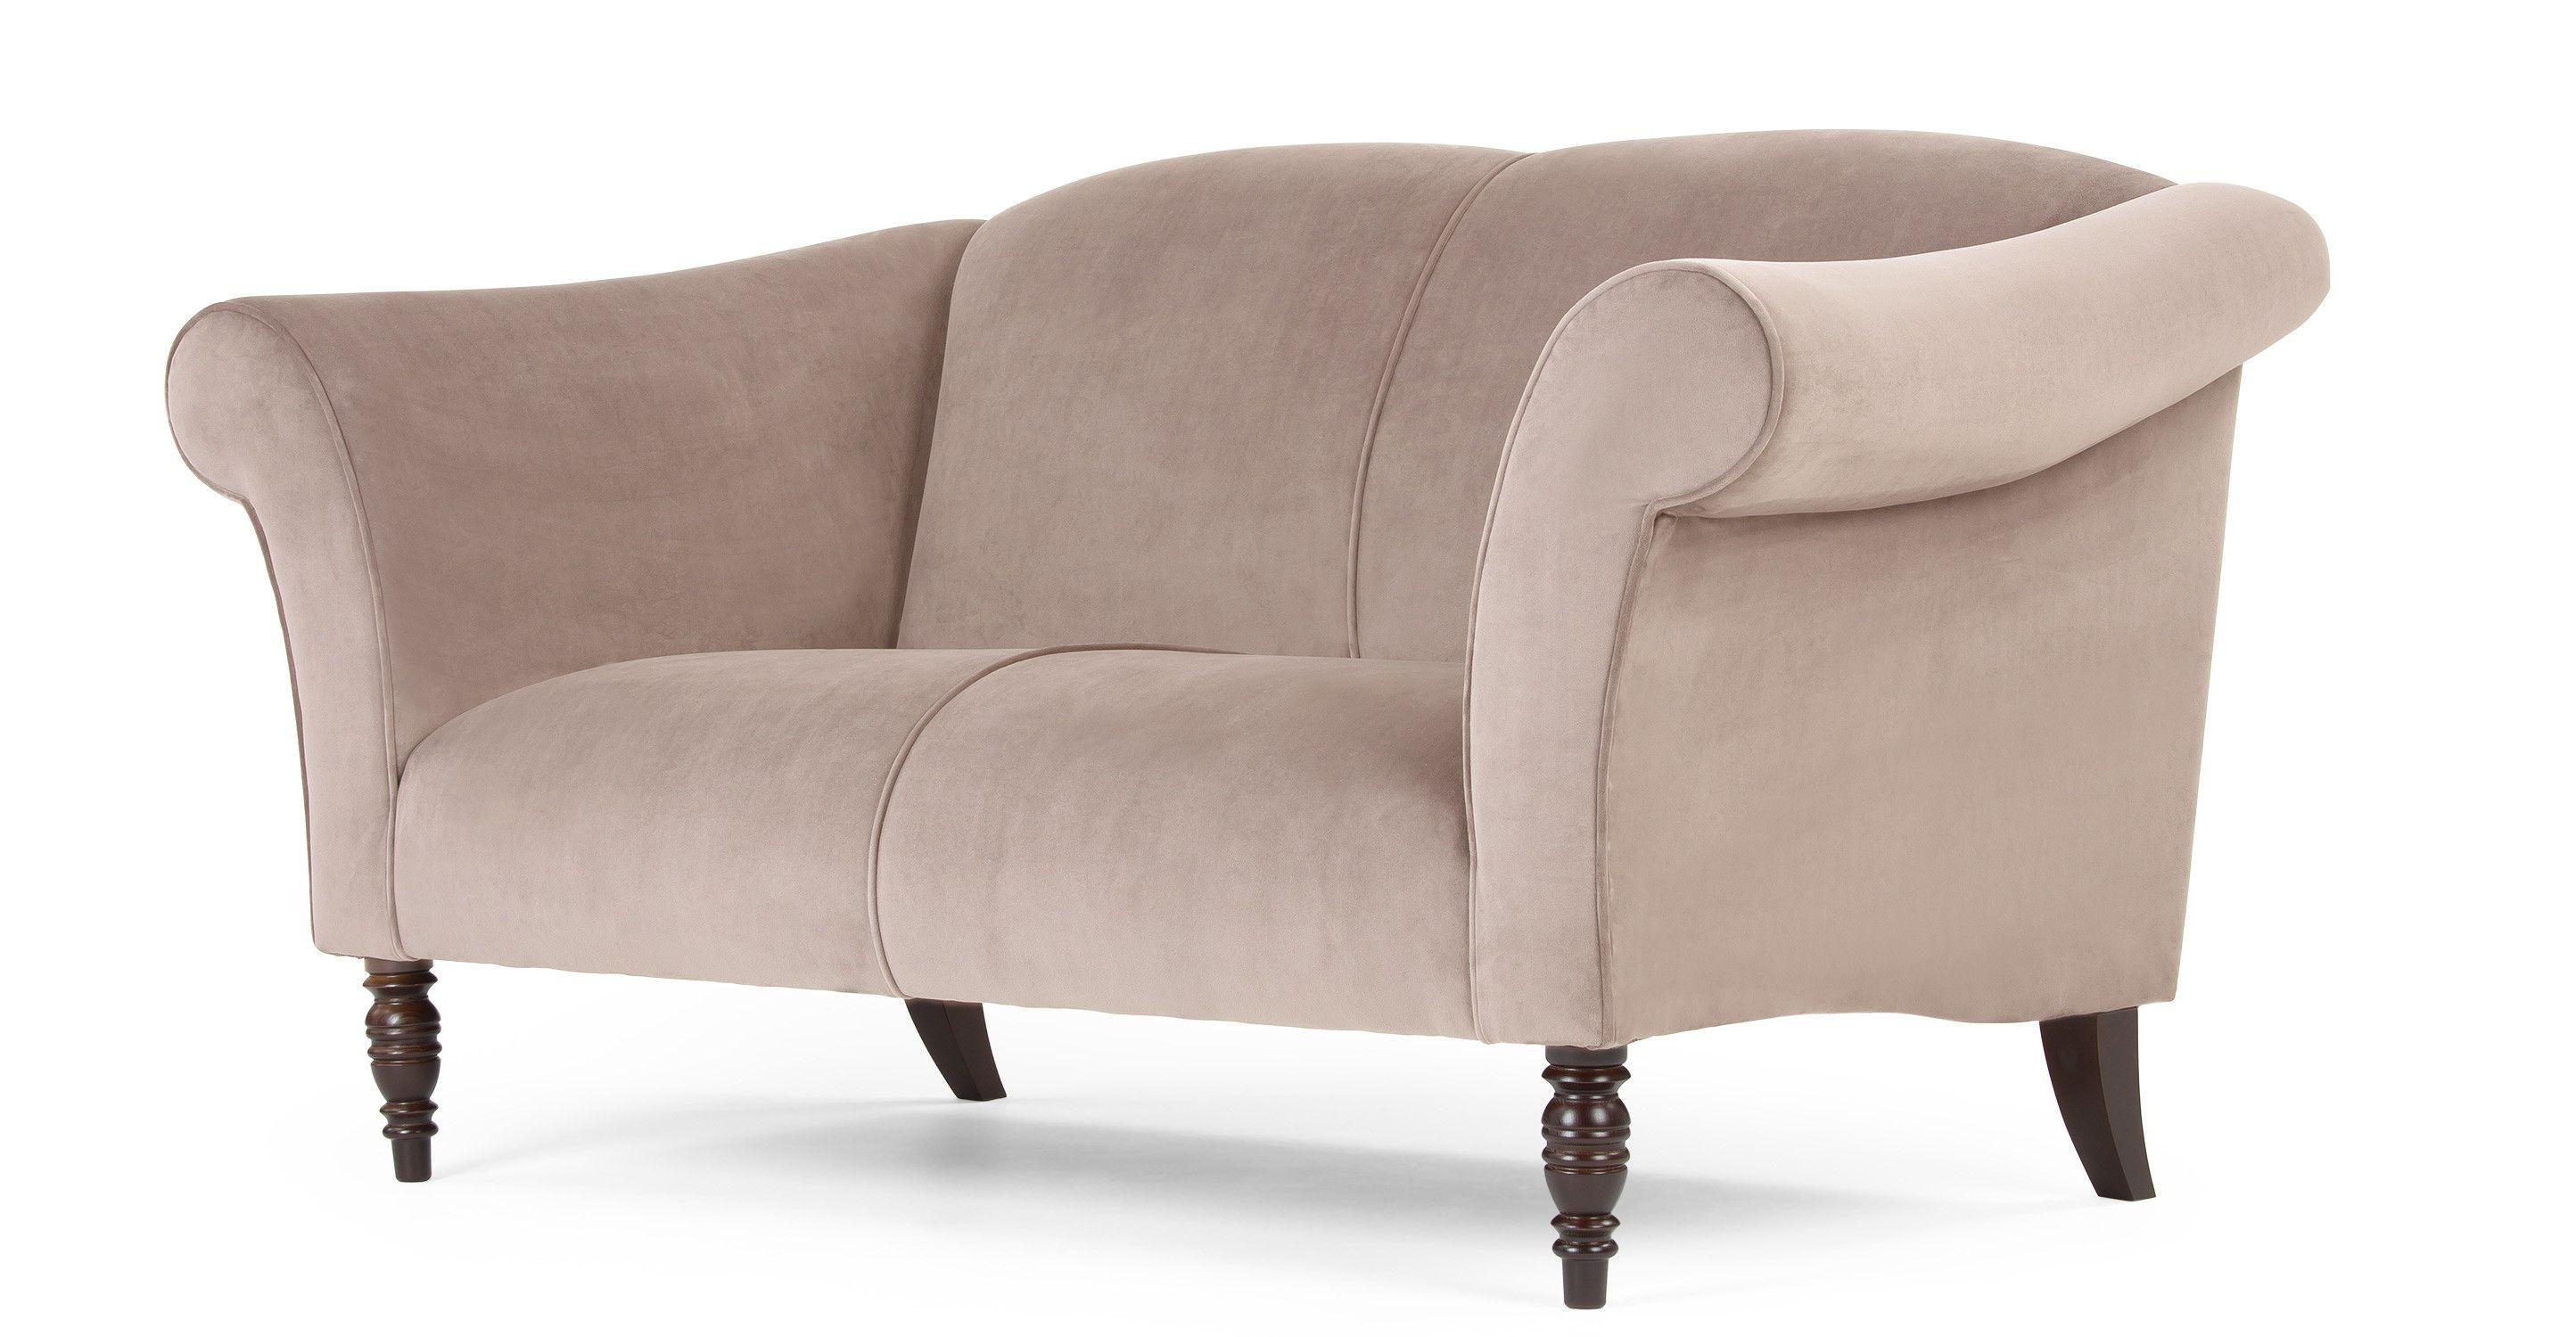 garston un canap 2 places bleu royal lounge pinterest canap 2 places mobilier de. Black Bedroom Furniture Sets. Home Design Ideas